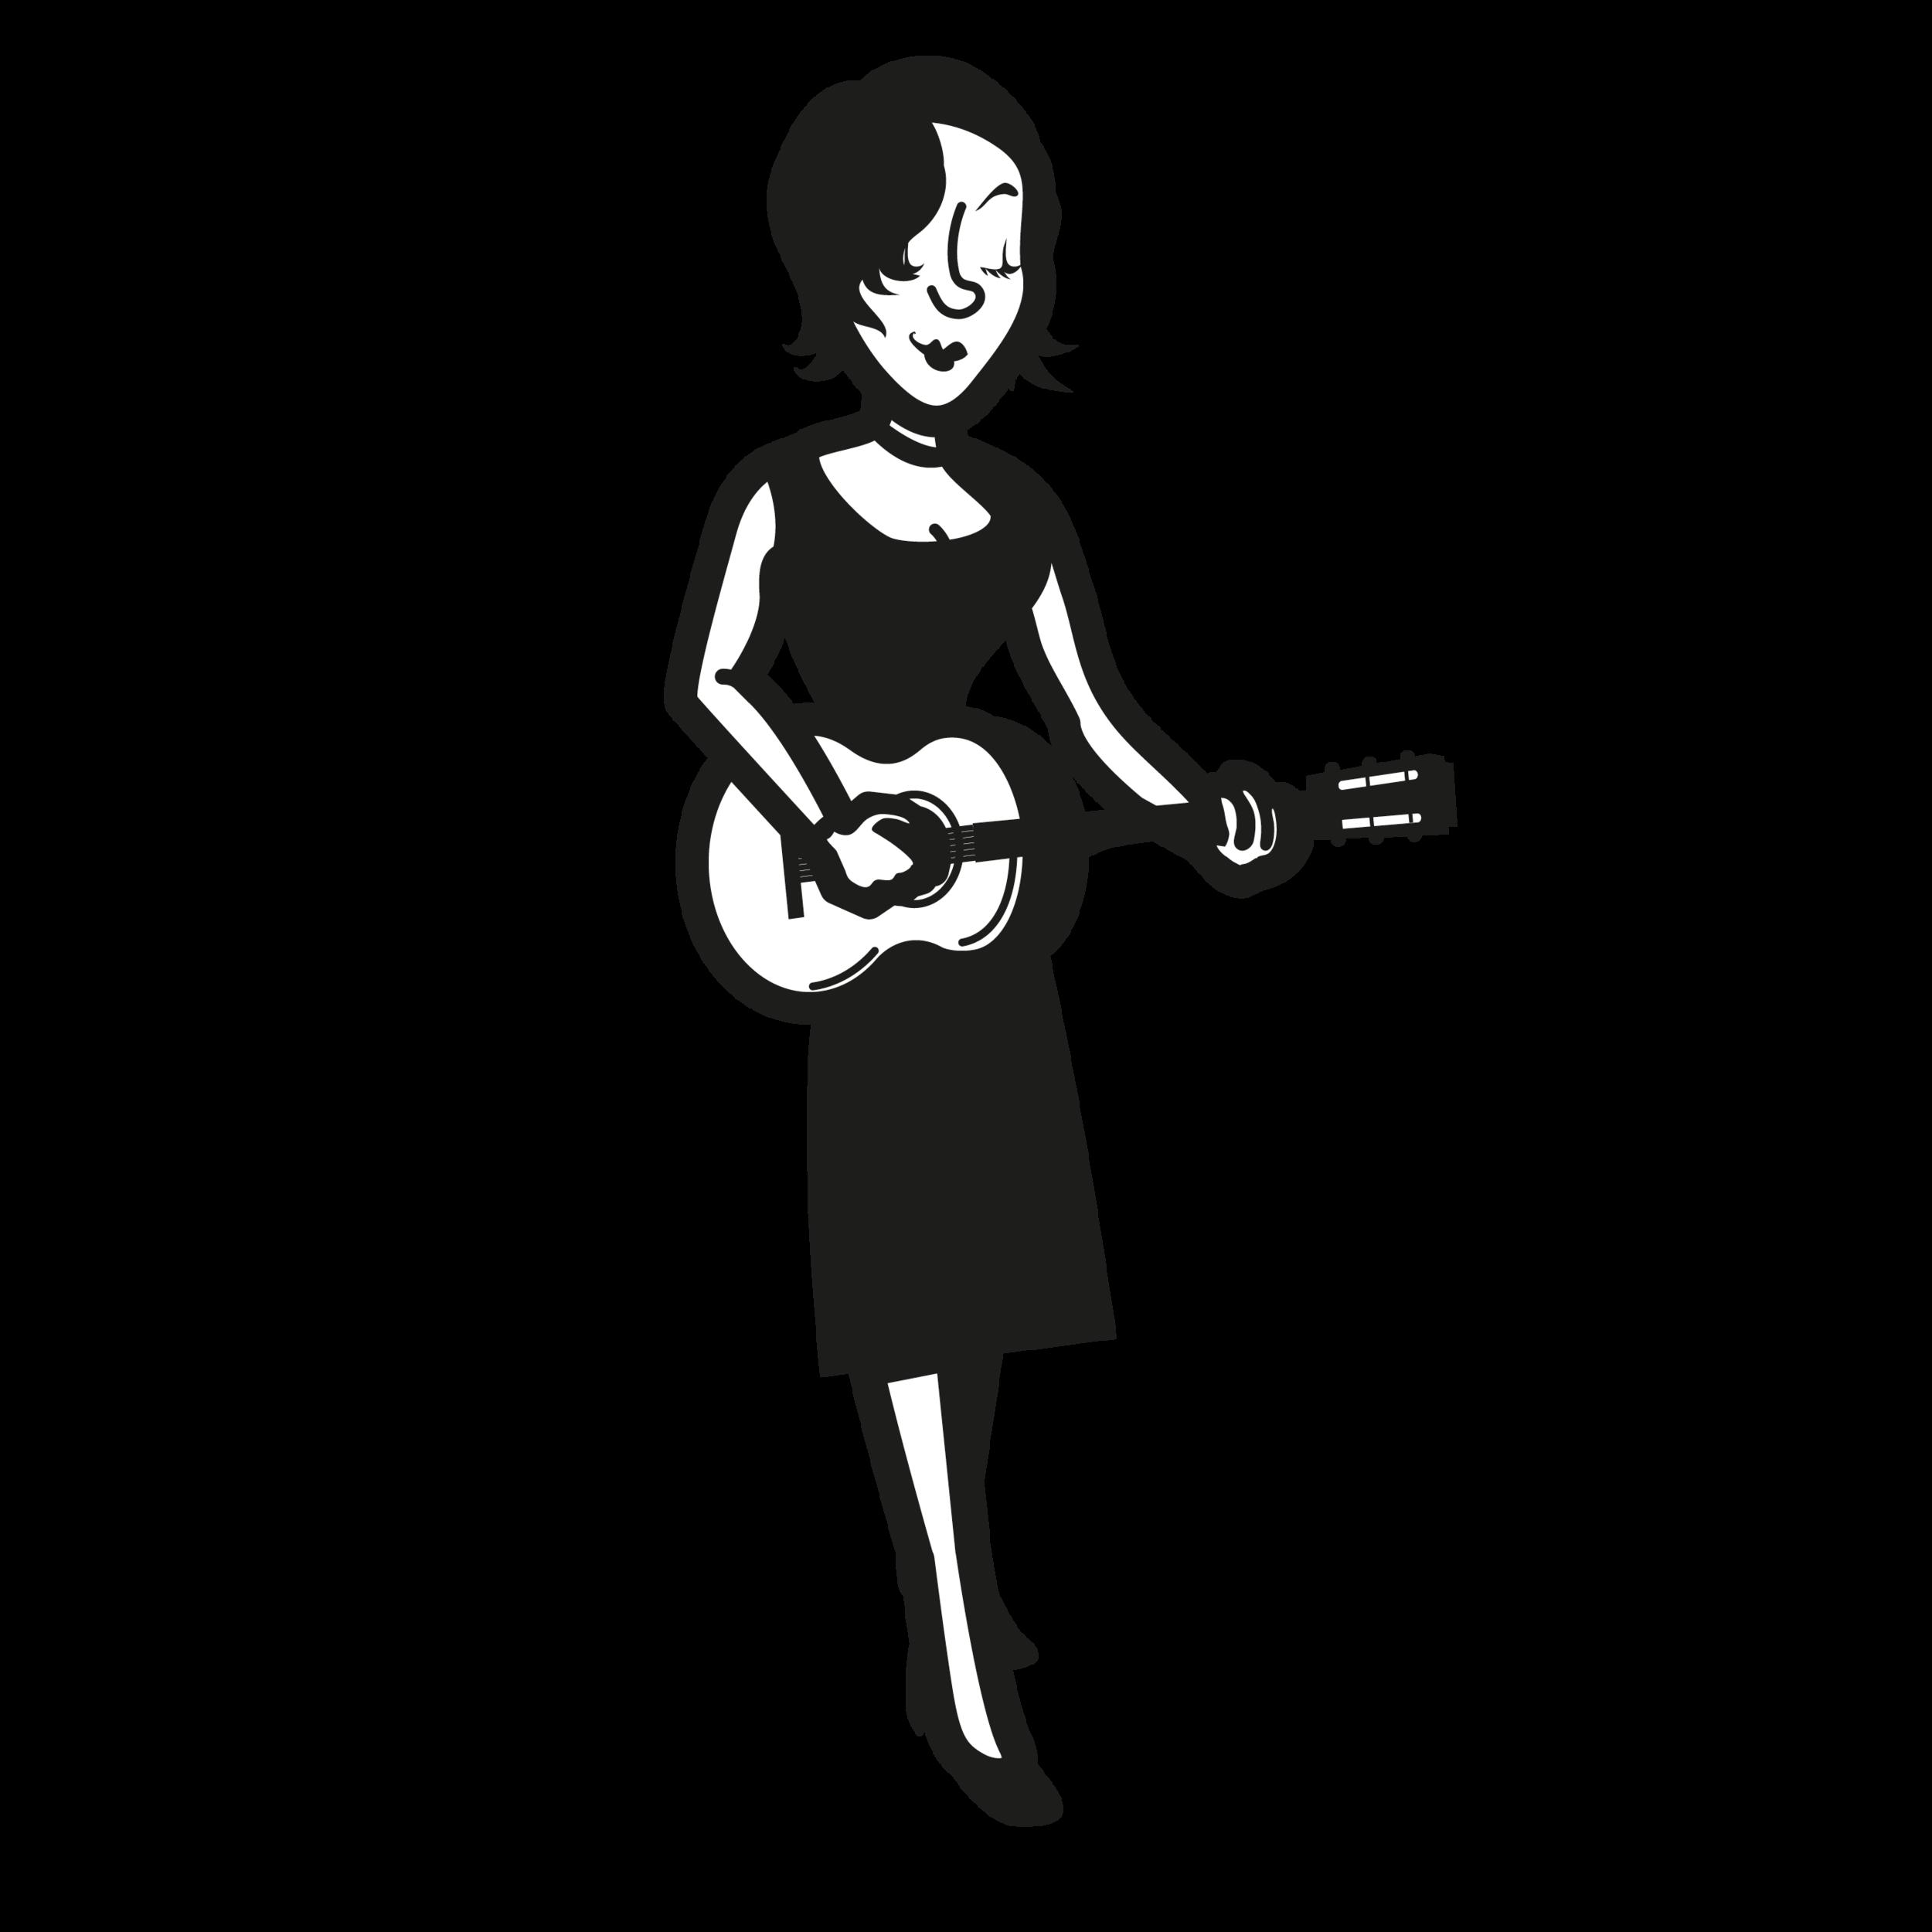 Sofie V. - Der Gitarrenunterricht bei Pady ist sehr vielseitig.Ich gehe nun seit ca. einem Jahr zu ihm in den Unterricht und habe das Gefühl, dass ich bereits mehr gelernt habe, als in all den Jahren zuvor, als ich bei anderen Lehrern war. Jede Woche fordert mich Pady mit neuen Stücken, bei denen ich immer wieder neues lerne. Es wird immer wieder gemeinsam geschaut, woran man arbeiten und was man spielen möchte. Ich gehe jede Woche mit einem guten Gefühl aus der Gitarrenstunde und freue mich, die neuen Lieder zuhause zu üben.Wer vielseitigen Gitarrenunterricht wünscht, bereit ist, zuhause zu üben und das Gitarrenspielen richtig begreifen will, der ist bei Pady am richtigen Ort.